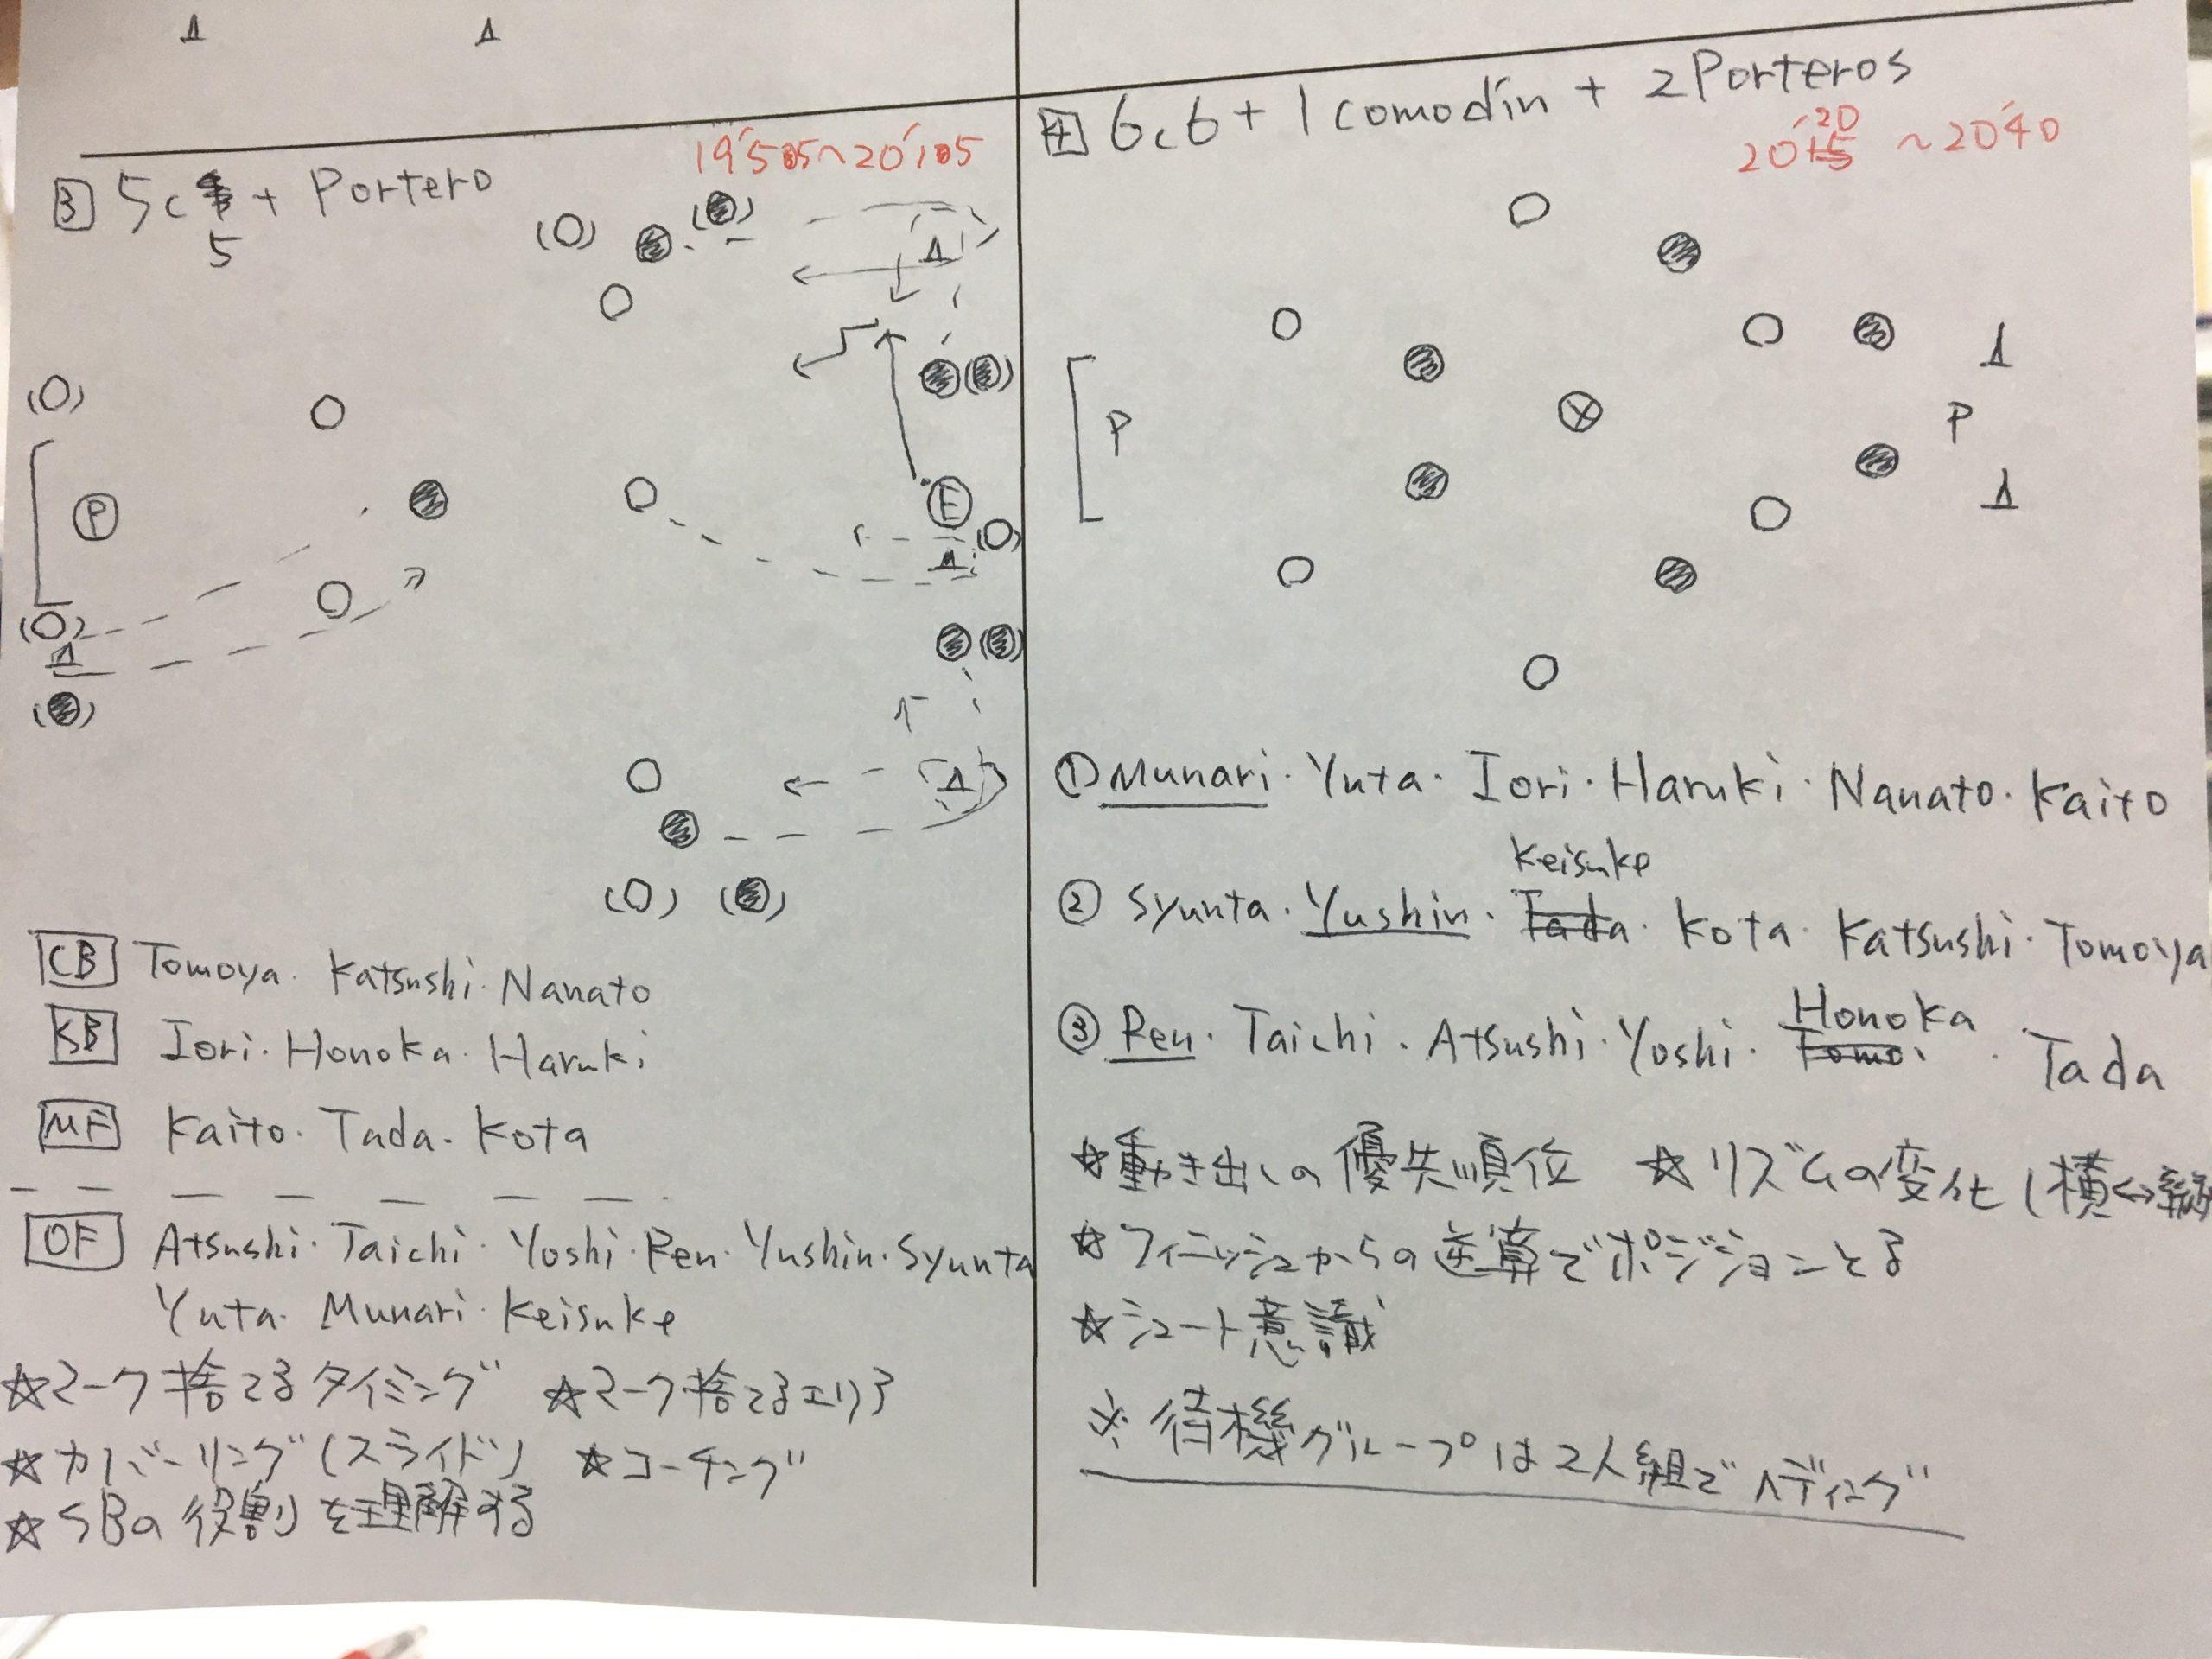 きょうの練習メニュー #124! (12/6金)